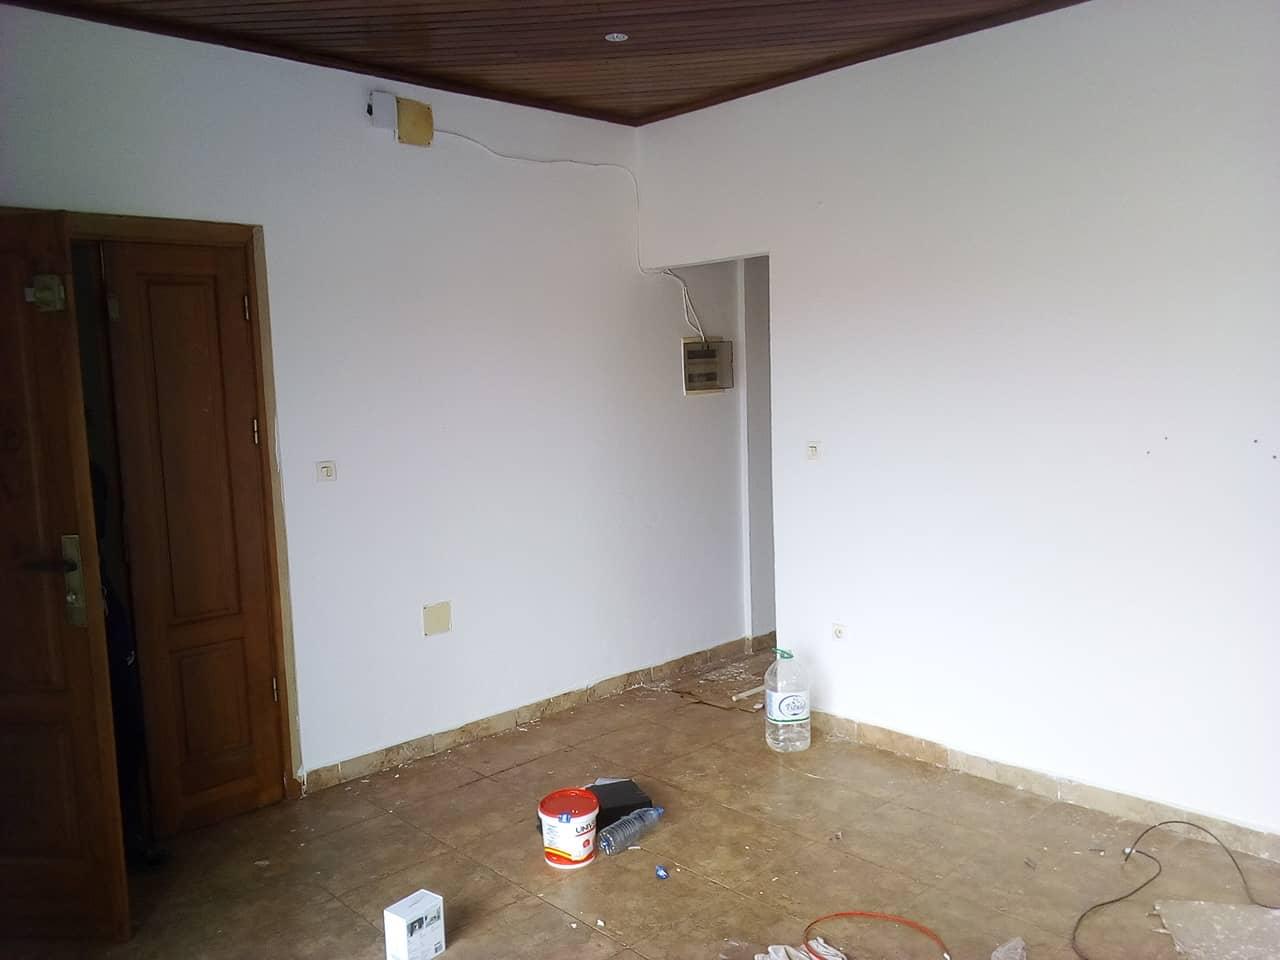 Apartment to rent - Yaoundé, Bastos, bastos - 1 living room(s), 1 bedroom(s), 1 bathroom(s) - 175 000 FCFA / month